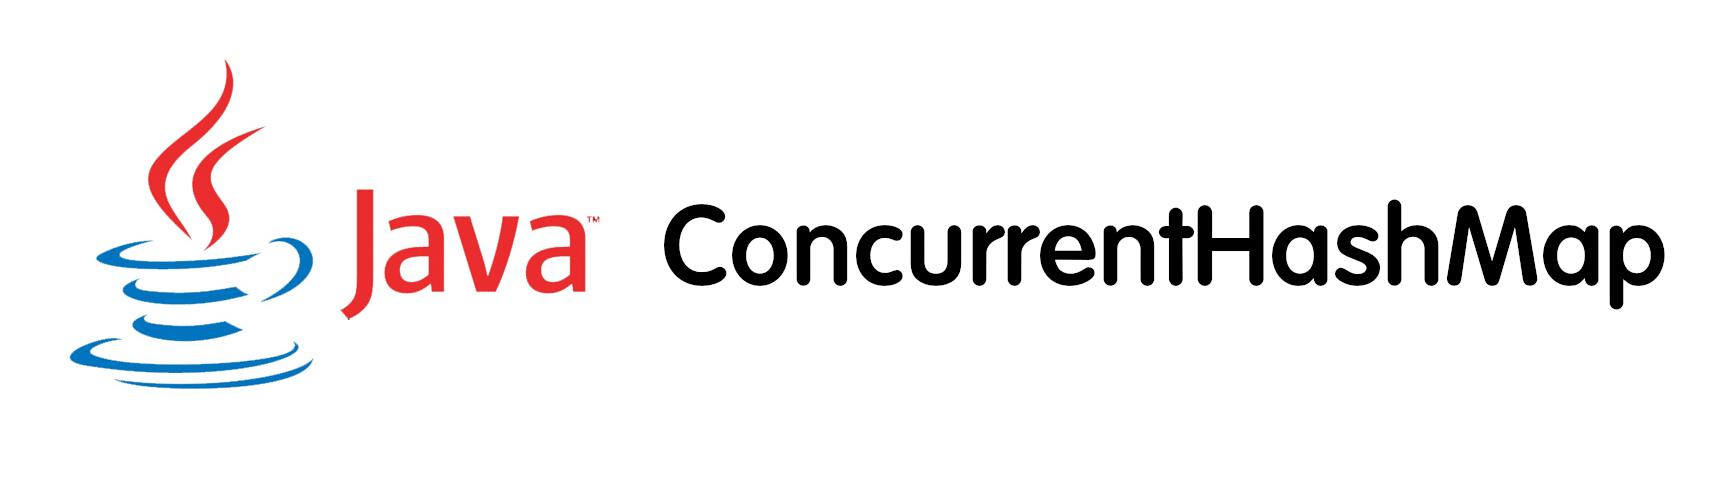 Java ConcurrentHashMap